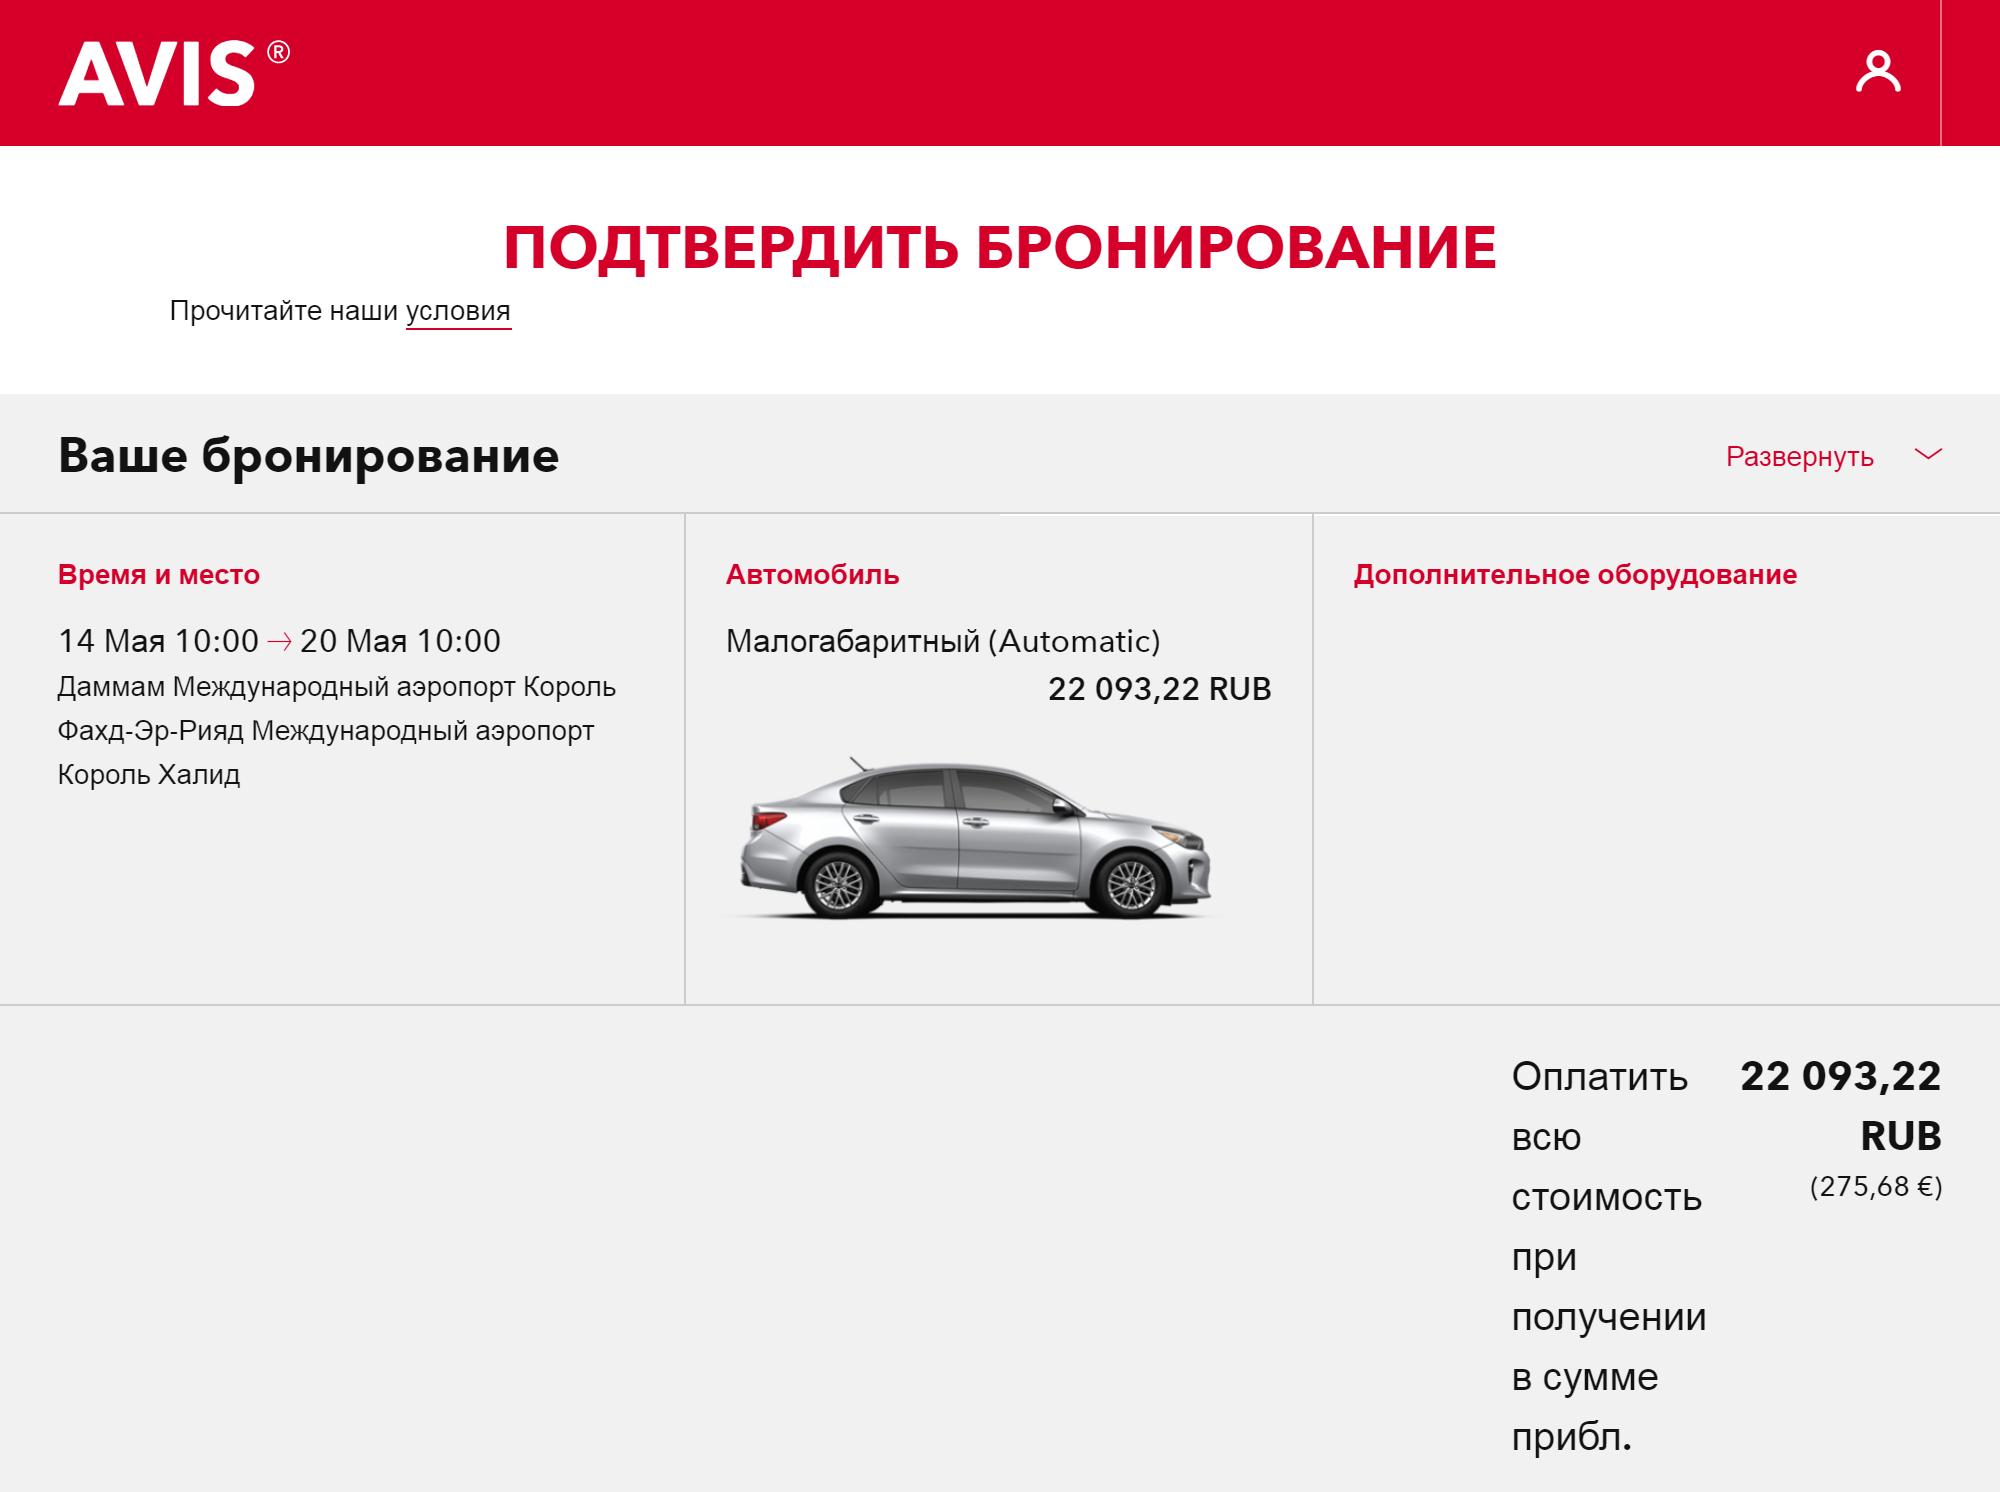 Забронировать машину можно на сайте